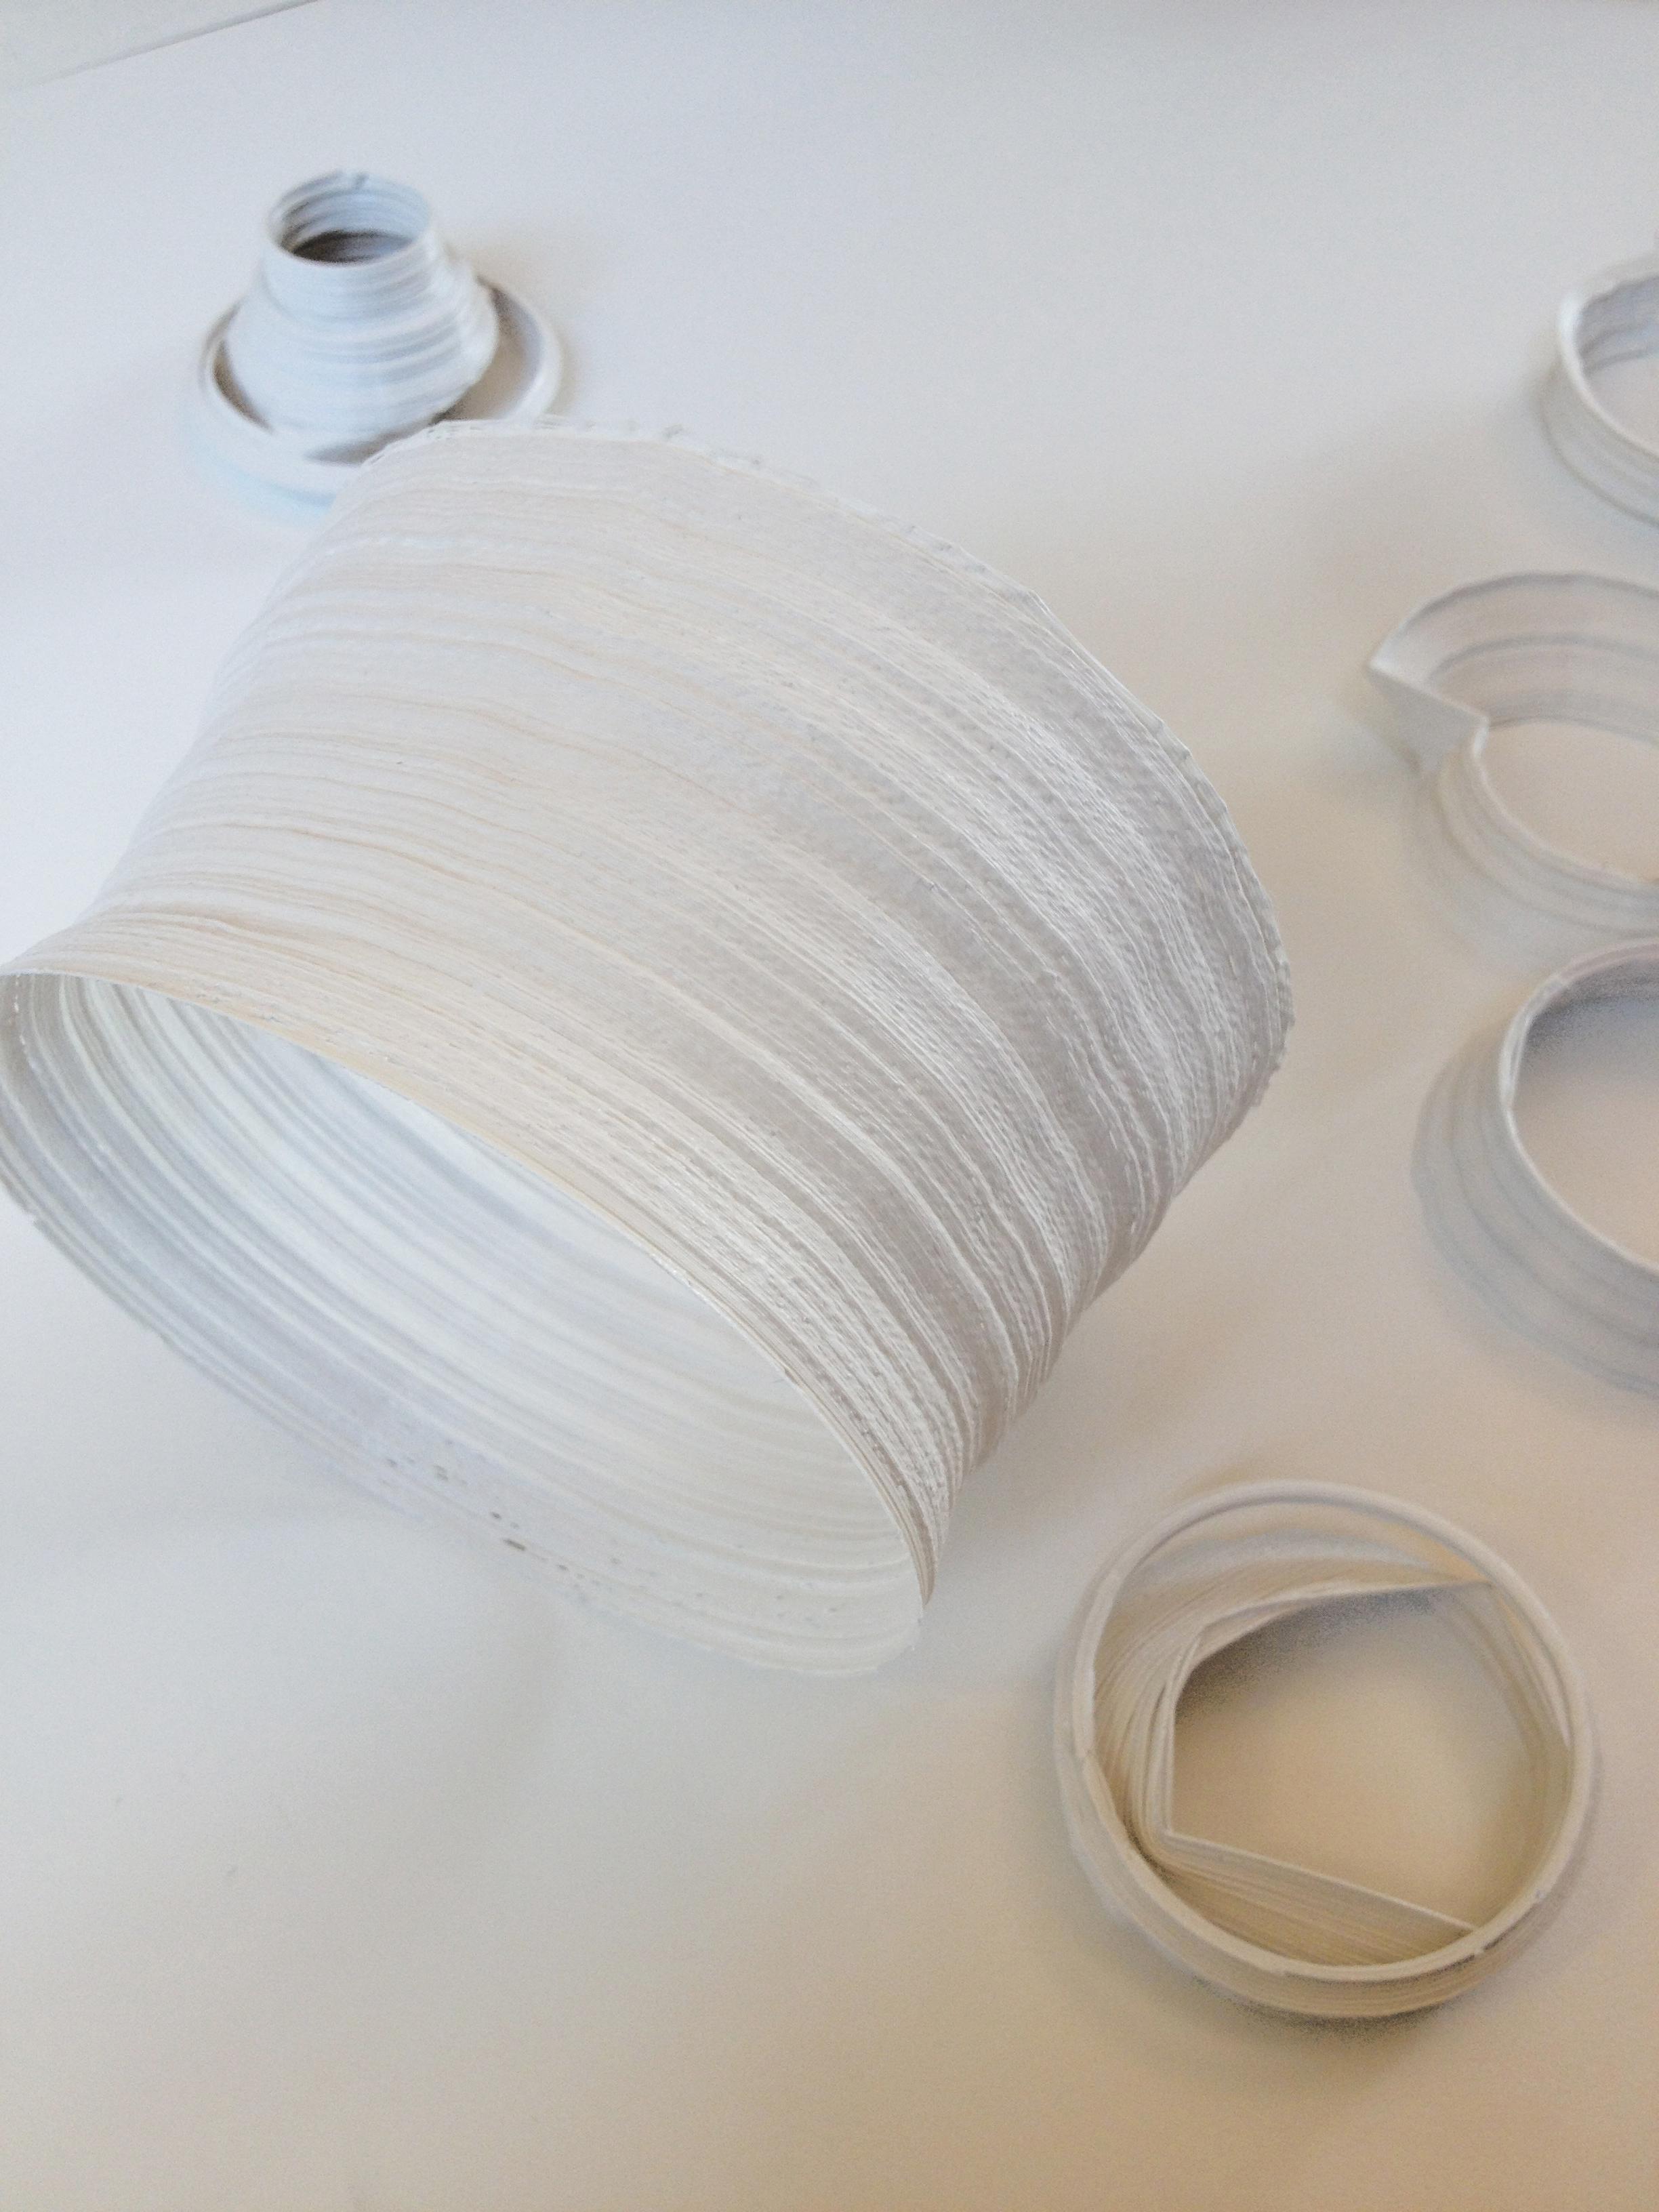 brain printing prototype 3